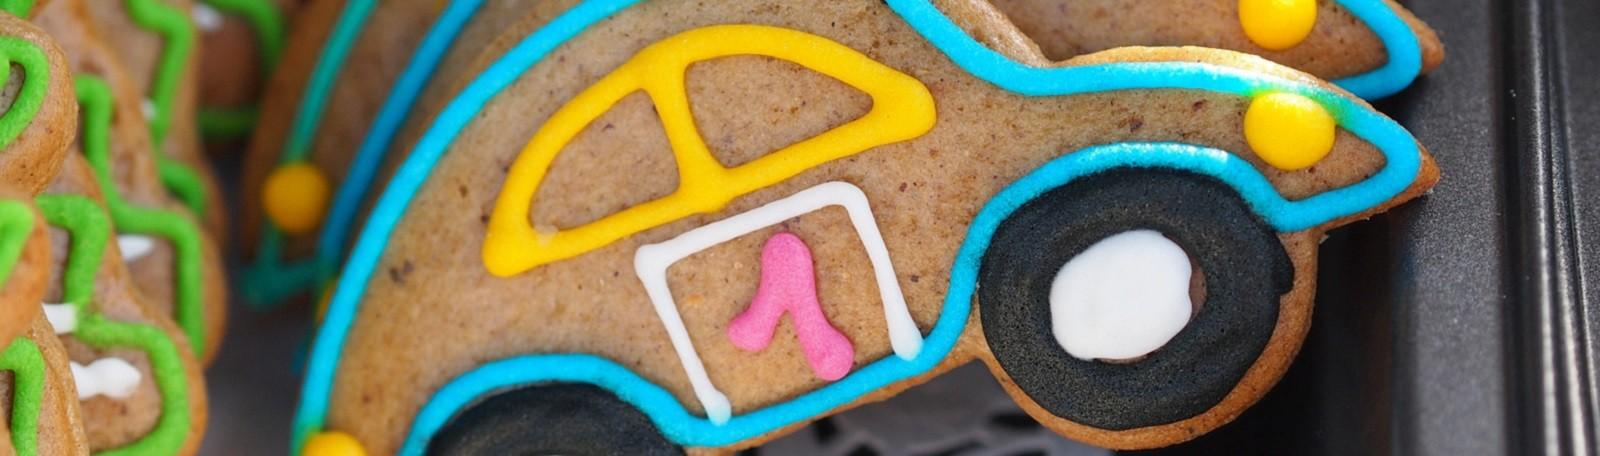 Utilisation des cookies - Réservation Parking | Q-Park